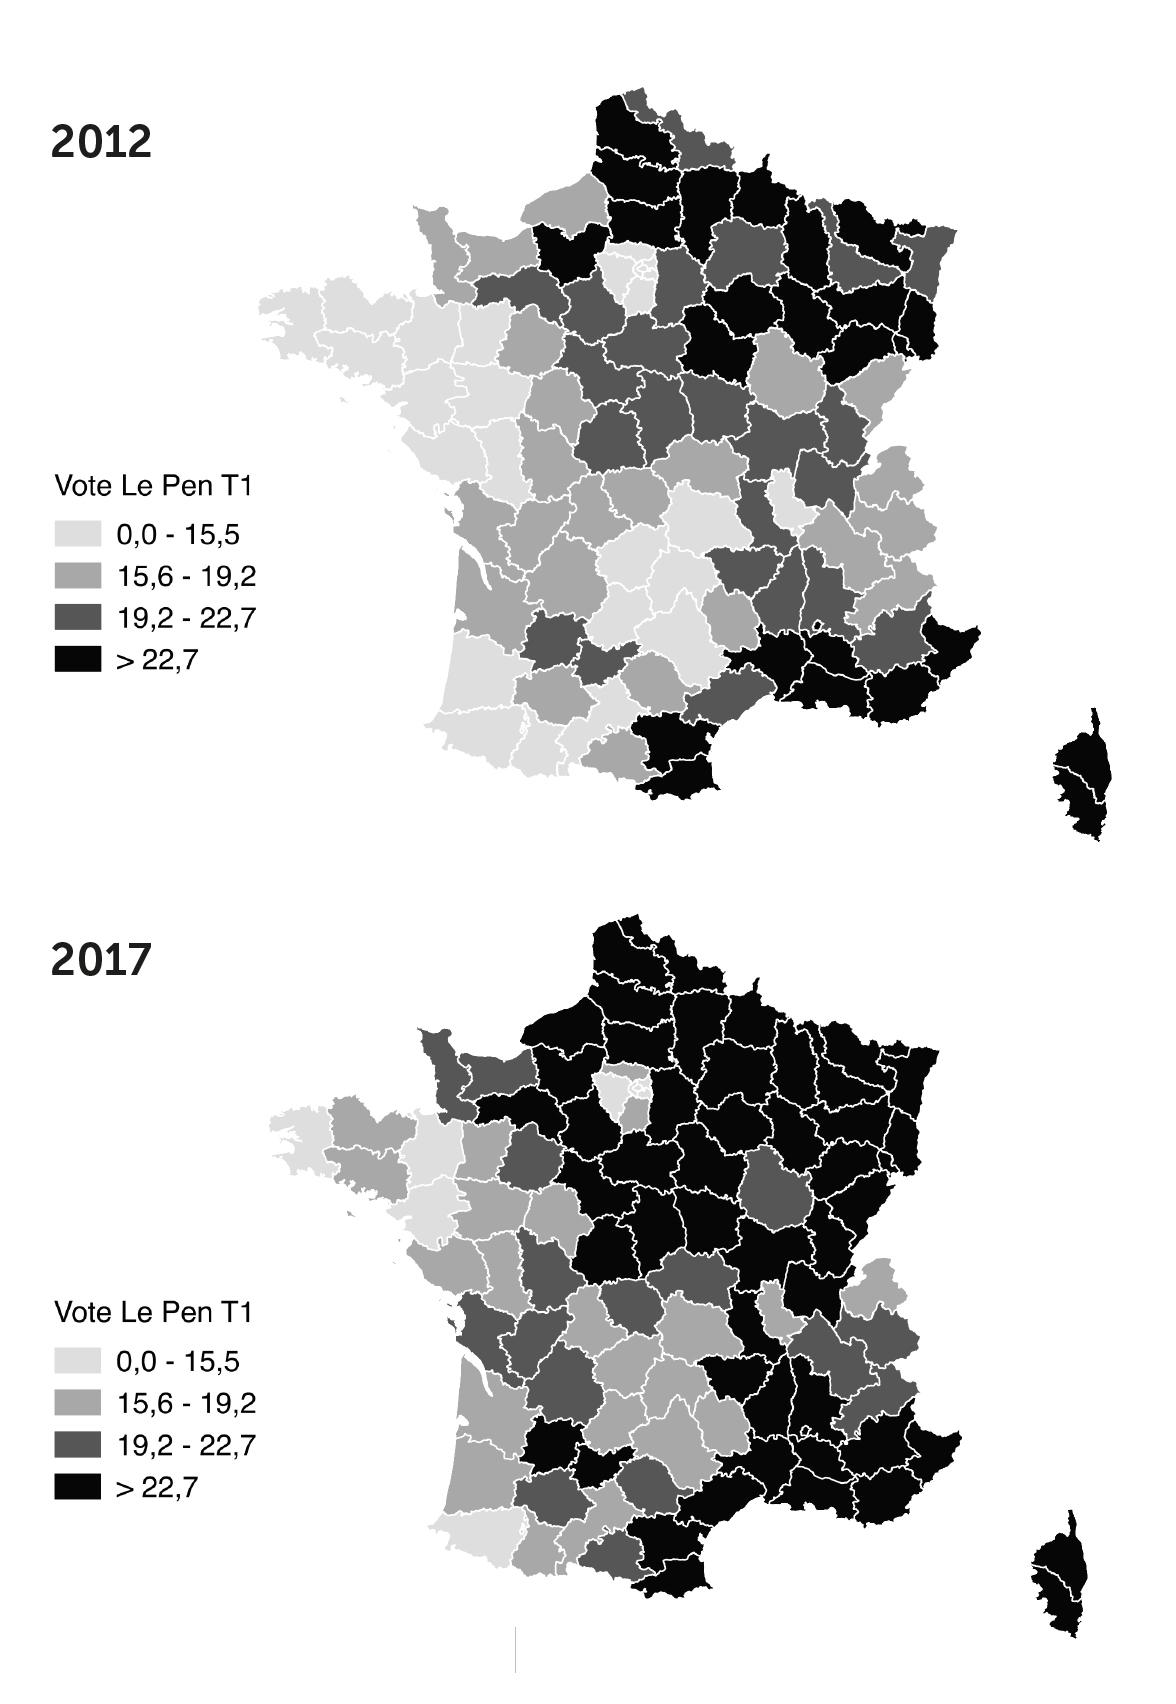 Les votes Le Pen aux premiers tours des présidentielles de 2012 et 2017